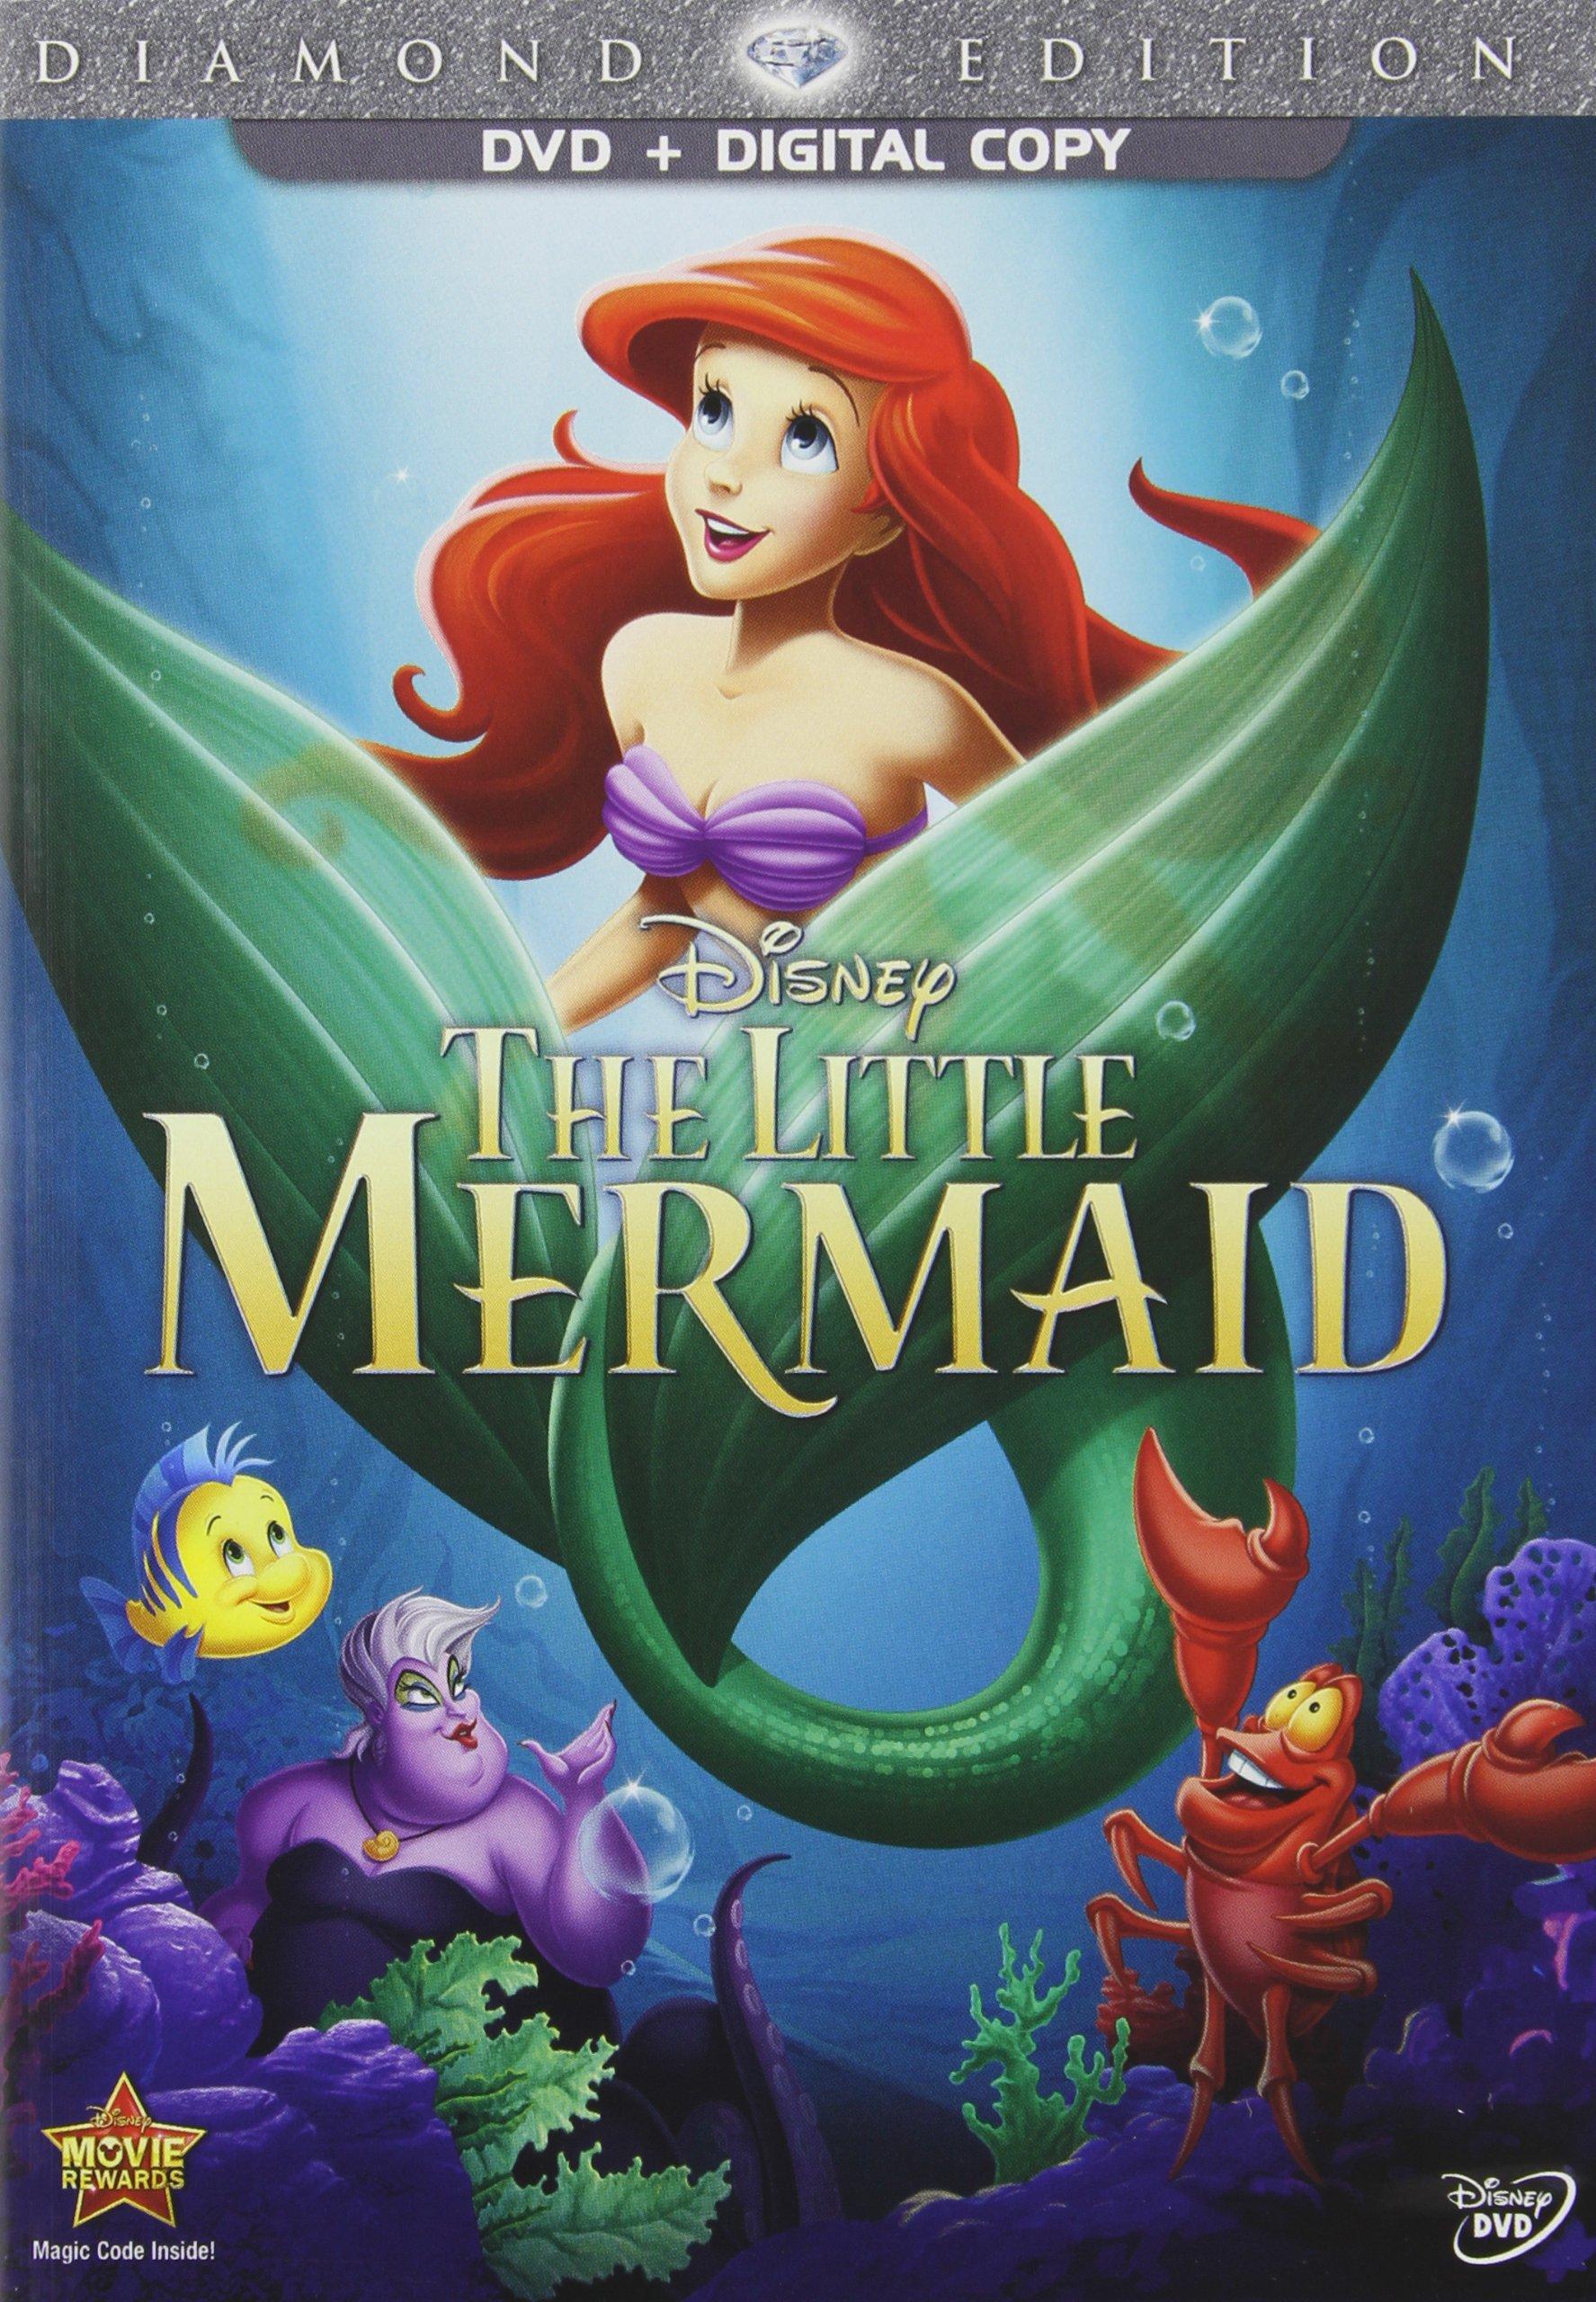 The Little Mermaid Dvd Release Date